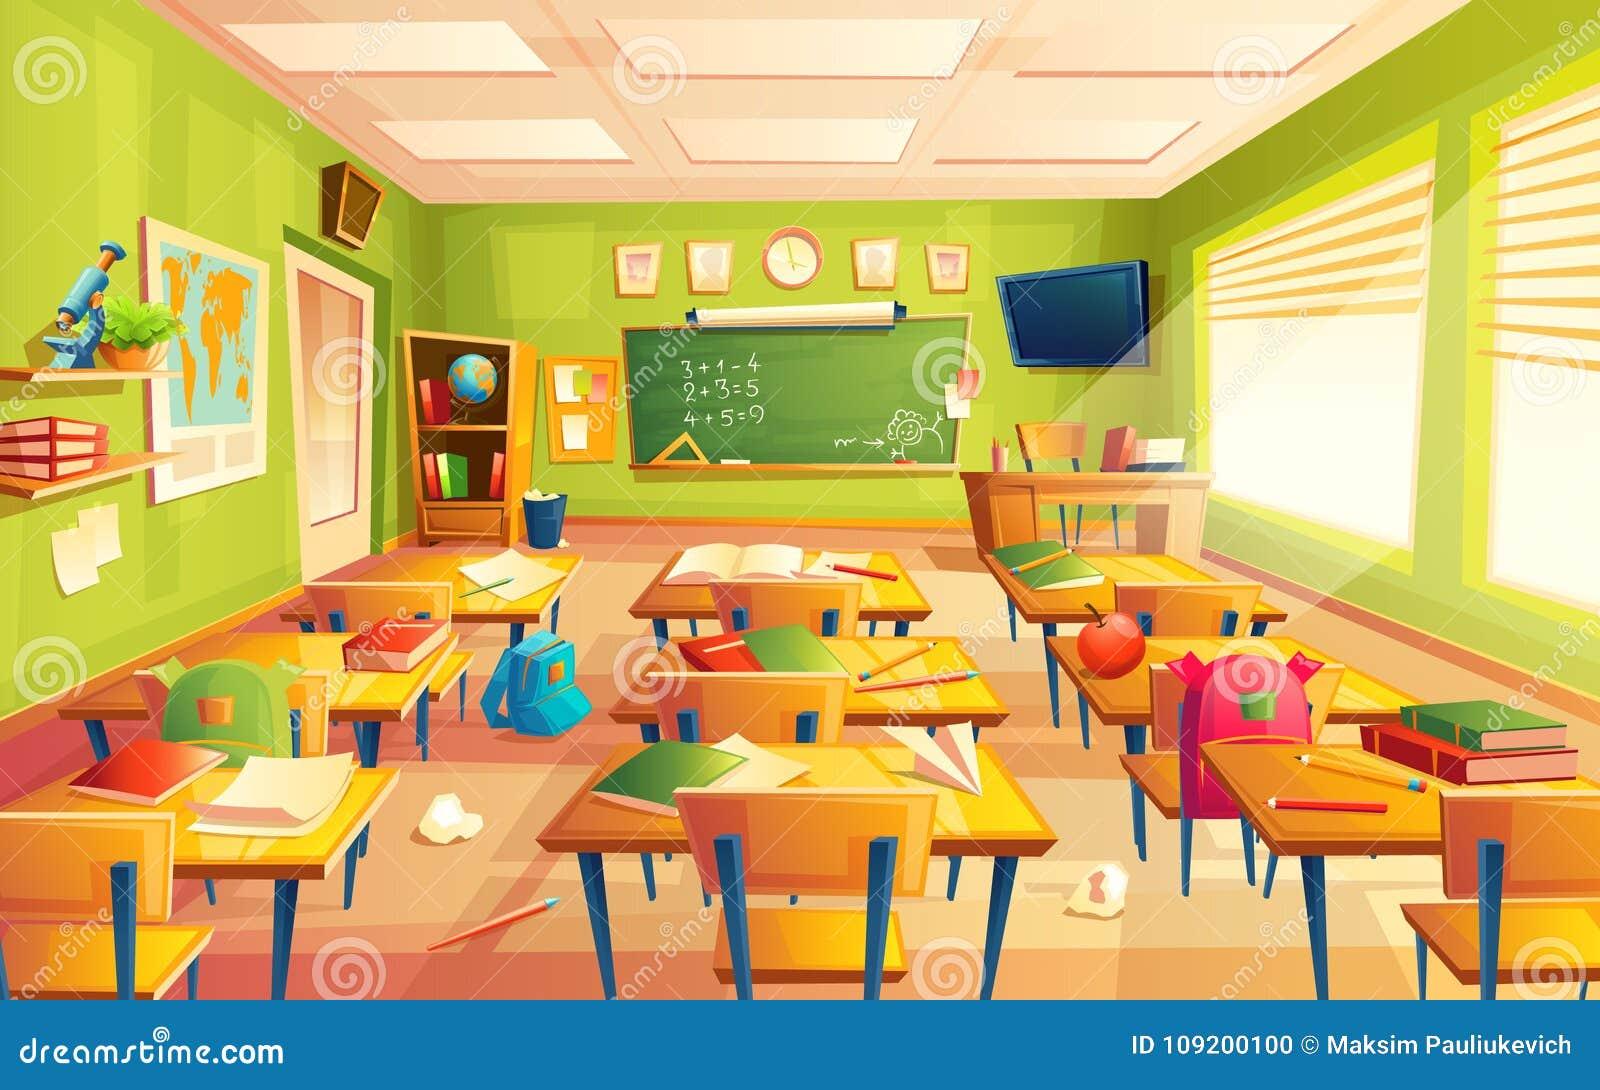 Διανυσματικό εσωτερικό σχολικών τάξεων, math δωμάτιο κατάρτισης Εκπαιδευτική έννοια, πίνακας, έπιπλα επιτραπέζιων κολλεγίων